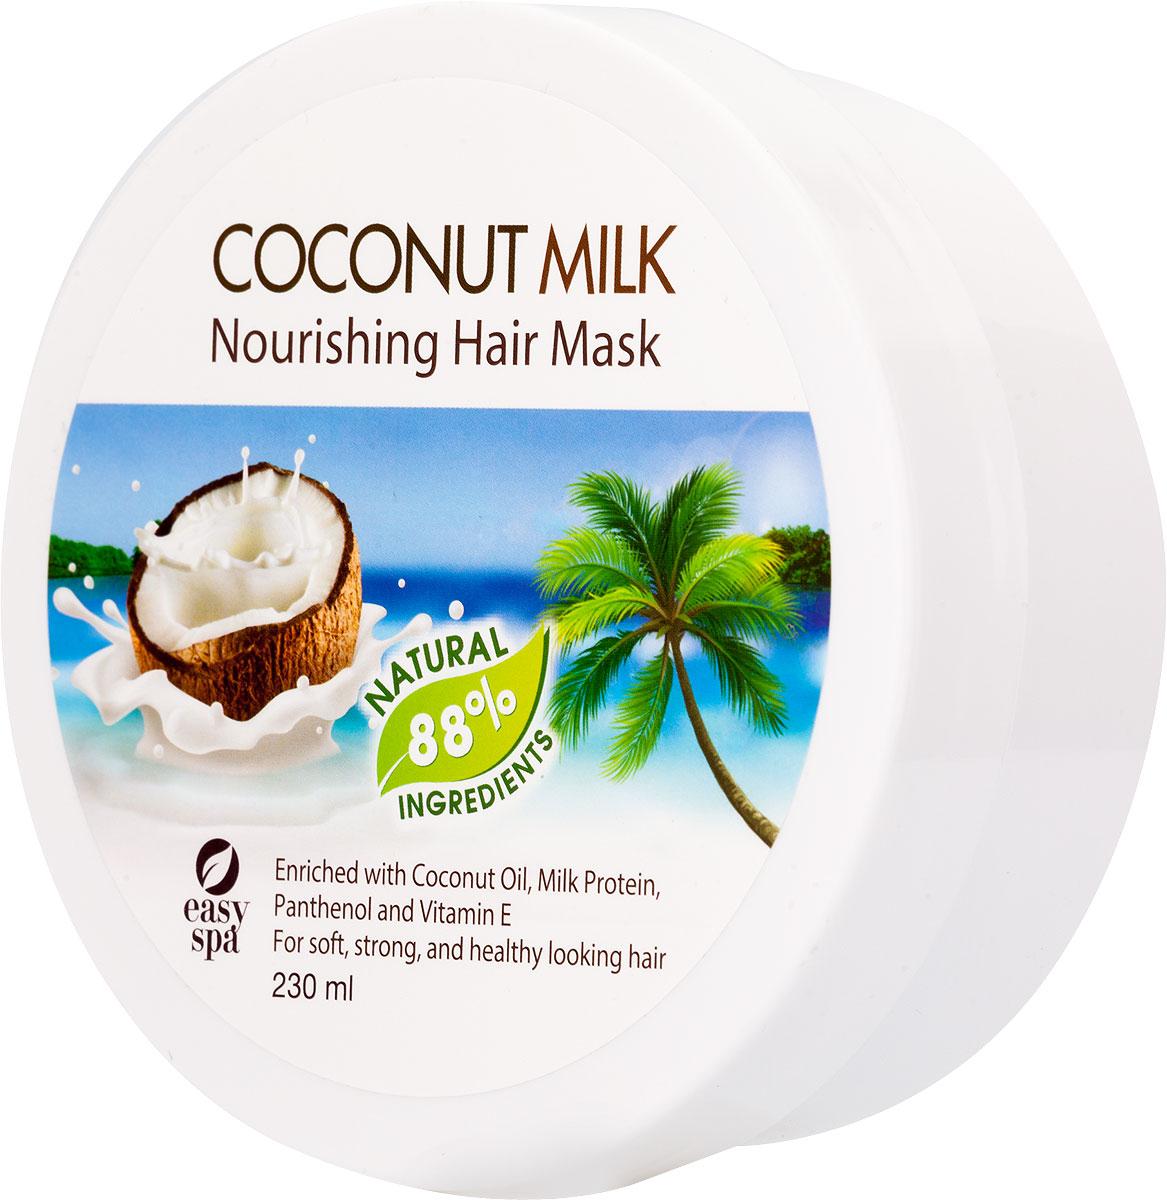 Easy Spa Маска питательная для волос Coconut Milk, 230 мл64256Маска для волос с натуральными ингредиентами и восхитительным ароматом кокоса. Питательная формула, обогащенная маслом кокоса и молочным протеином глубоко увлажняет волосы и придает им силу, предотвращает появление секущихся кончиков и облегчает расчесывание. Благодаря пантенолу и витамину Е волосы становятся гладкими, мягкими и послушными, выглядят более блестящими и здоровыми.Не содержит парабены и феноксиэтанол.